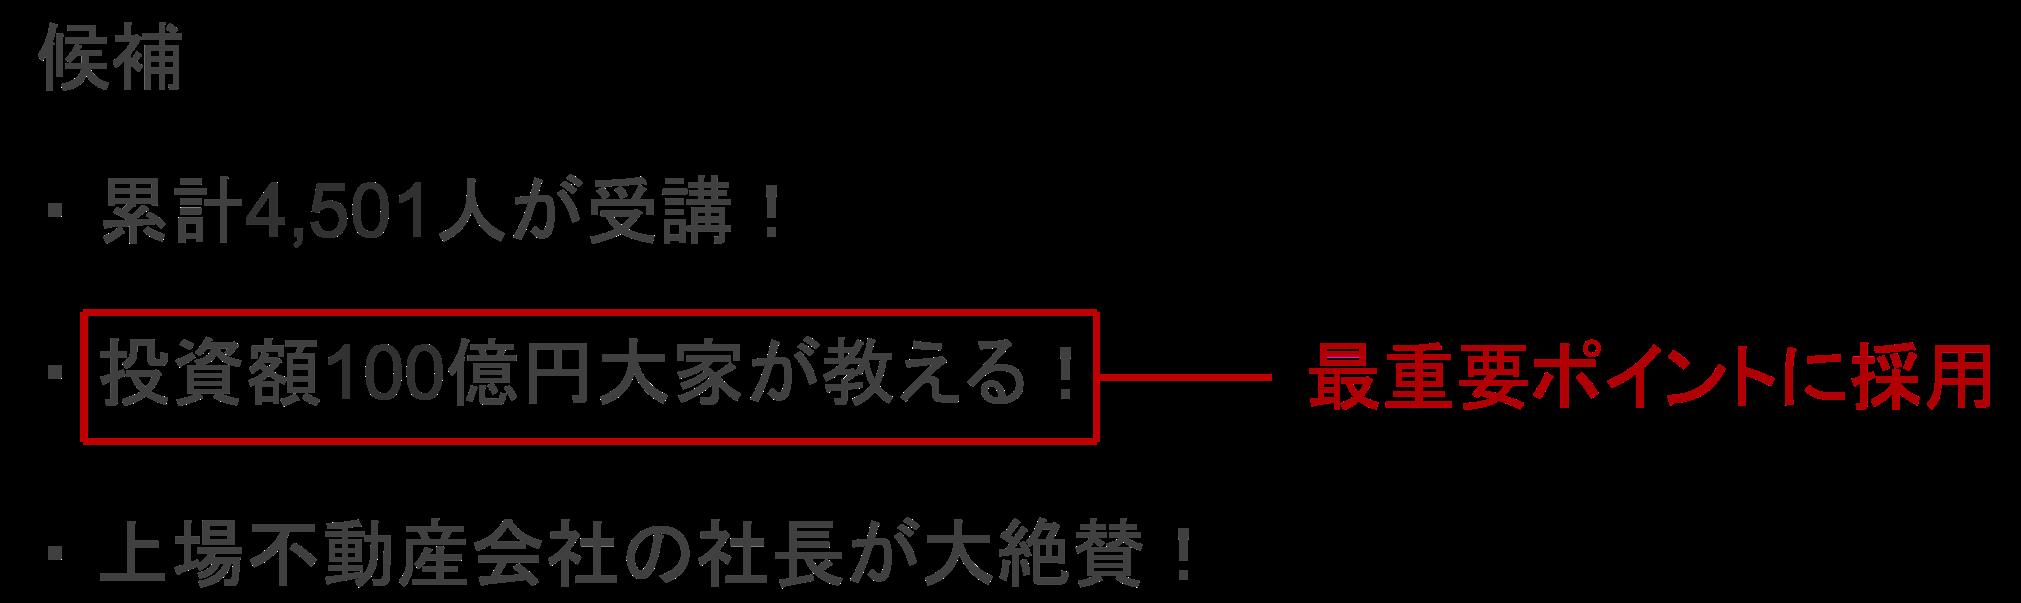 キャッチコピーの最重要ポイントを選ぶ流れの具体例